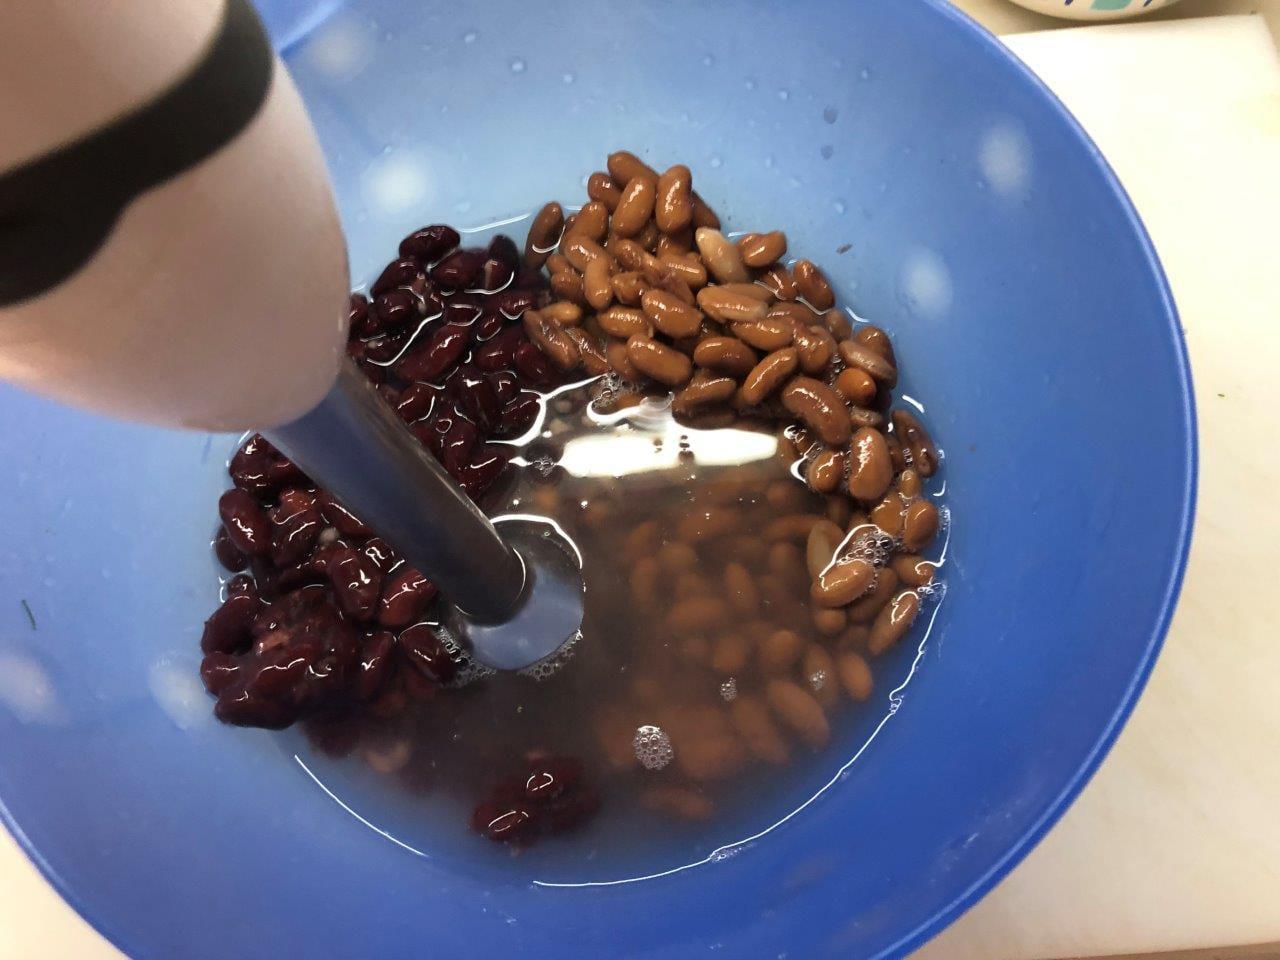 Sopa de dois Feijões com Coentros sopa de dois feijões com coentros Sopa de dois Feijões com Coentros dois Feijoes com Coentros 1